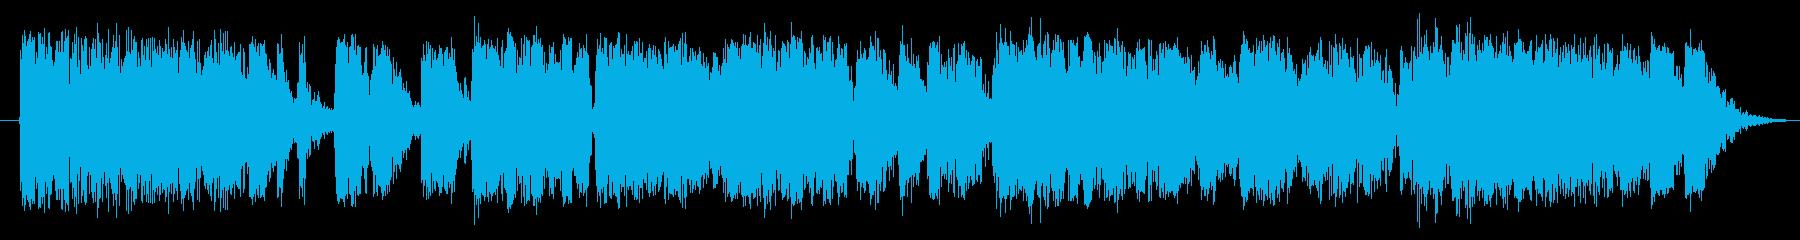 ガチョウ ガチョウの鳴き声03の再生済みの波形